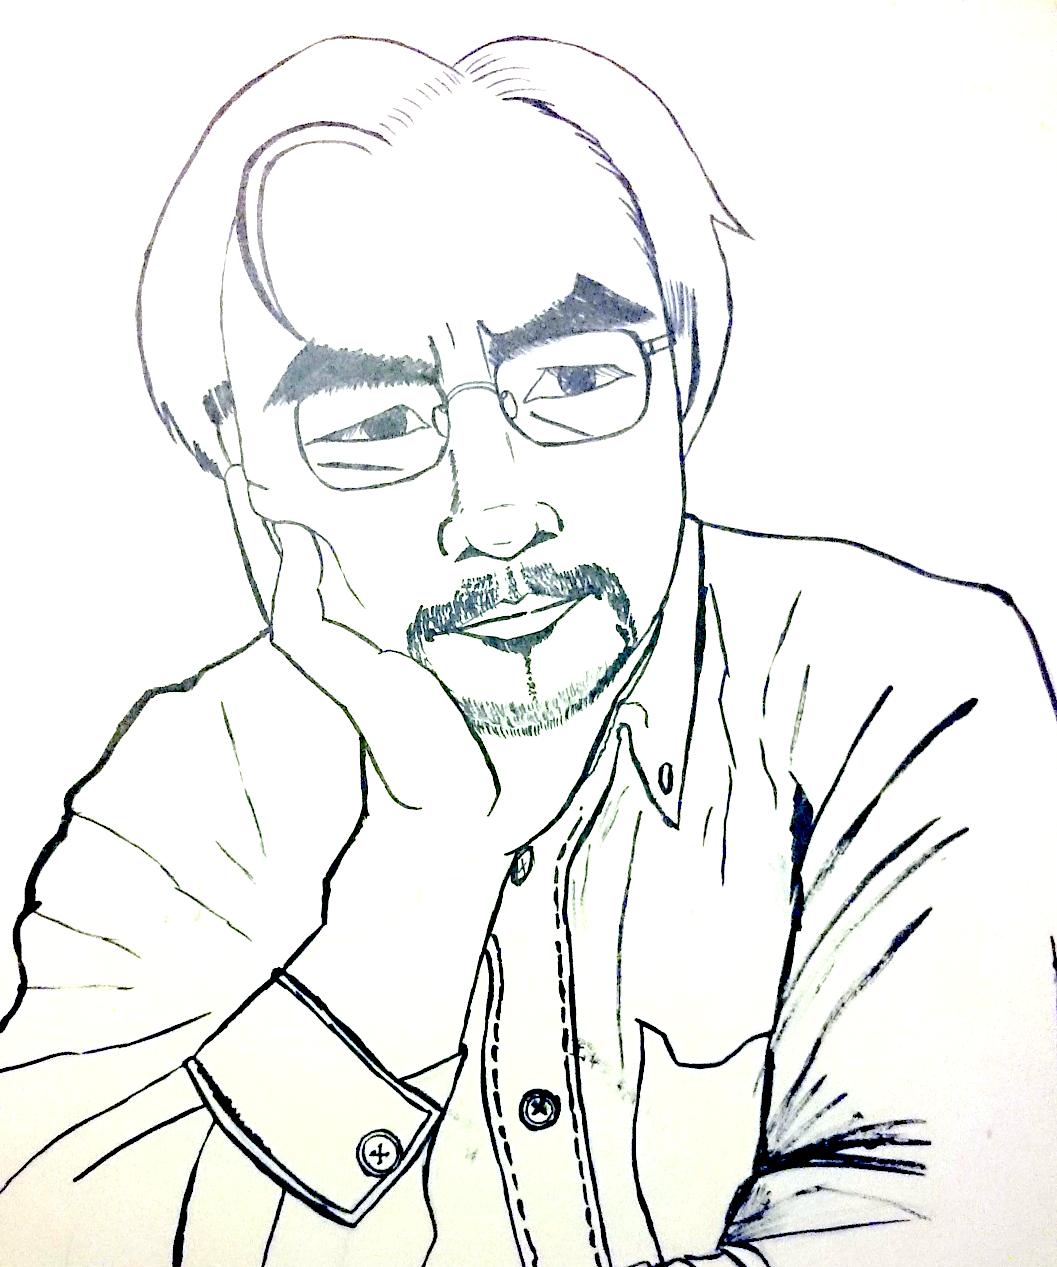 AkioHoshi